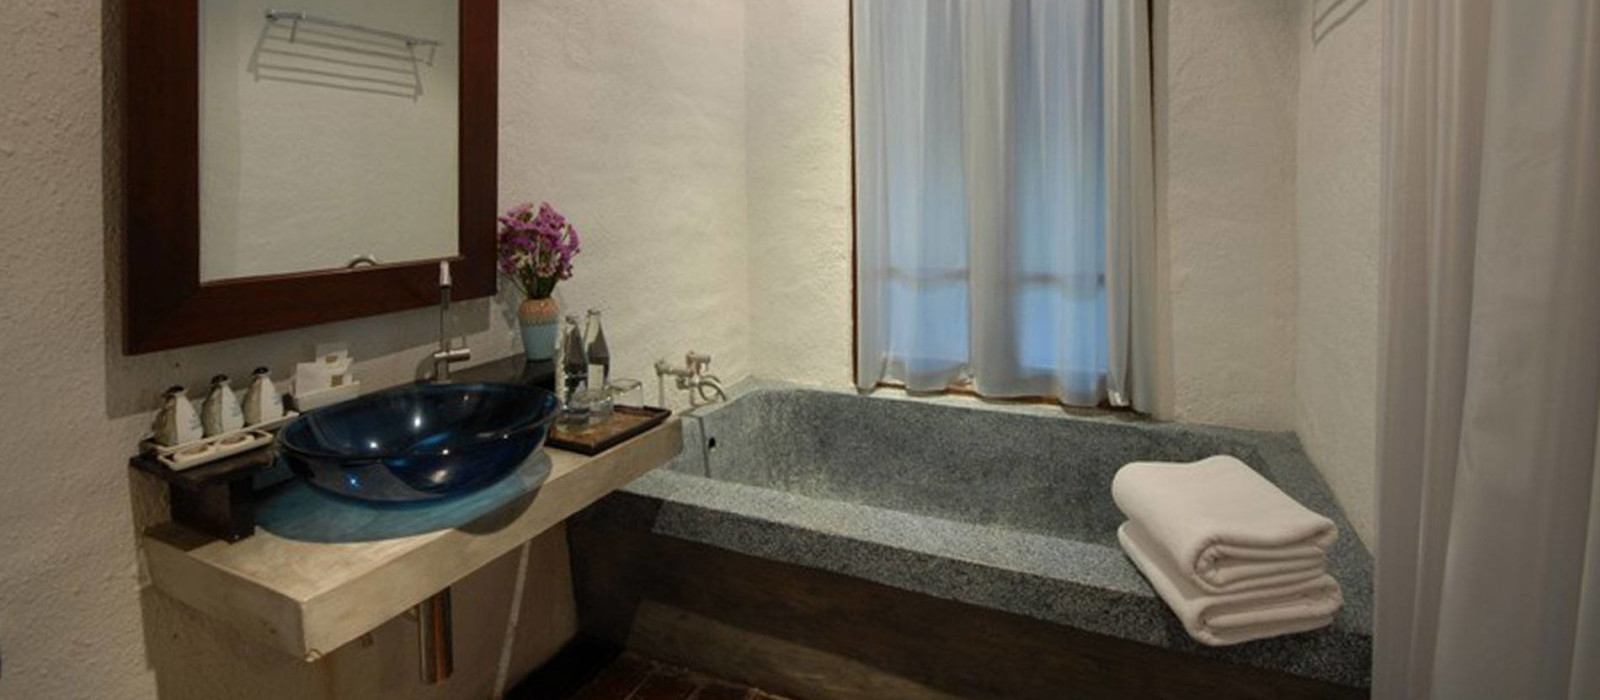 Hotel Banthai Village Thailand